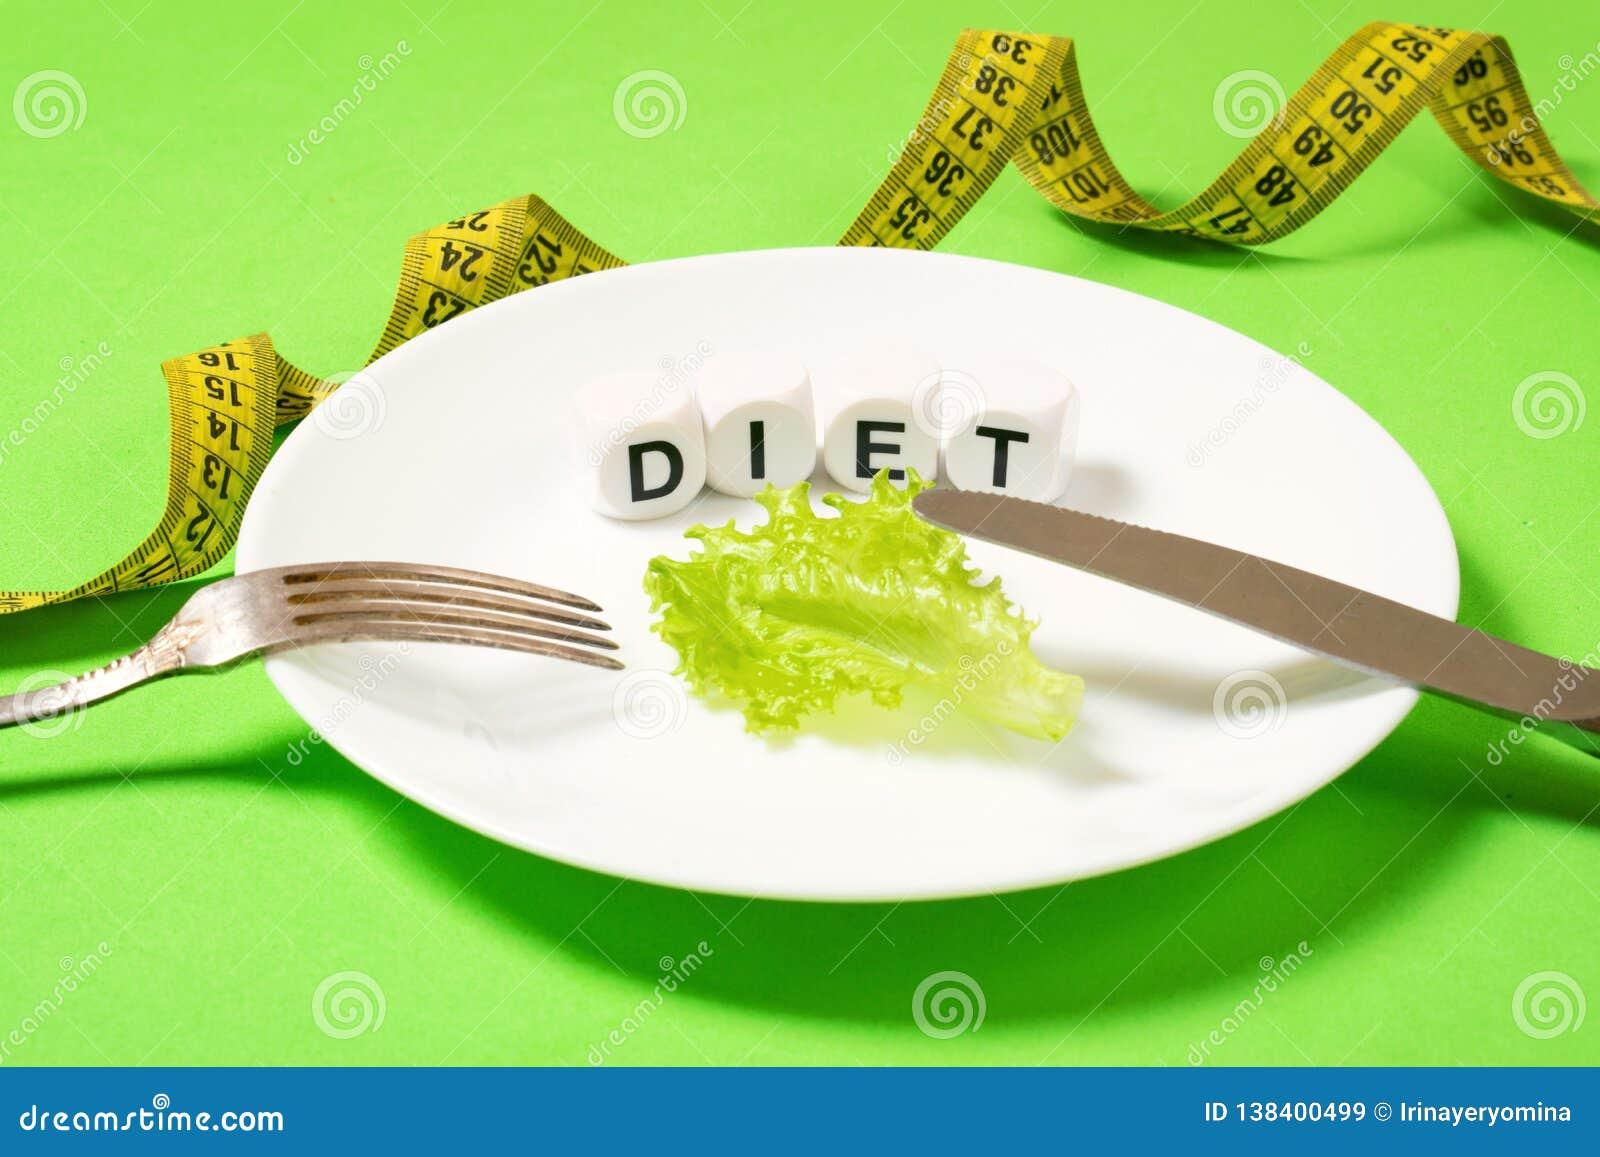 Η διατροφή, ζυγίζει την απώλεια, υγιής κατανάλωση, έννοια ικανότητας Μικρή μερίδα των τροφίμων στο μεγάλο πιάτο Μικρό πράσινο φύλ